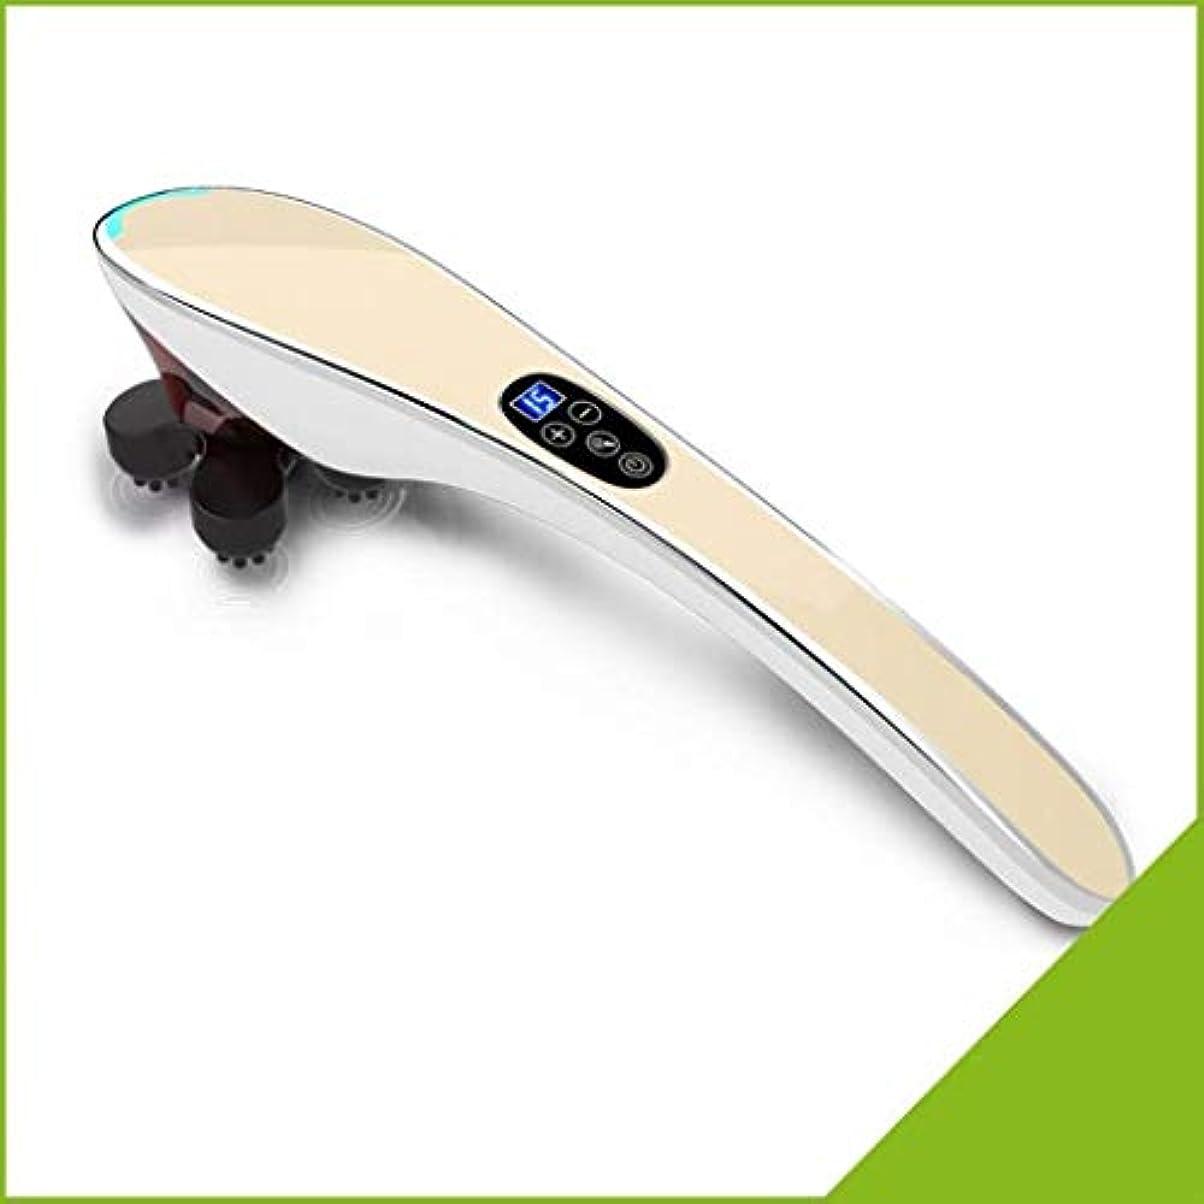 活性化コメント植生電気多機能マッサージ、ドルフィンハンドマッサージ、背中のマッサージハンマー、振動/赤外線/暖房/ローラーマッサージ、首/腰椎/ボディマッサージャー (Color : ゴールド, Size : Charging)